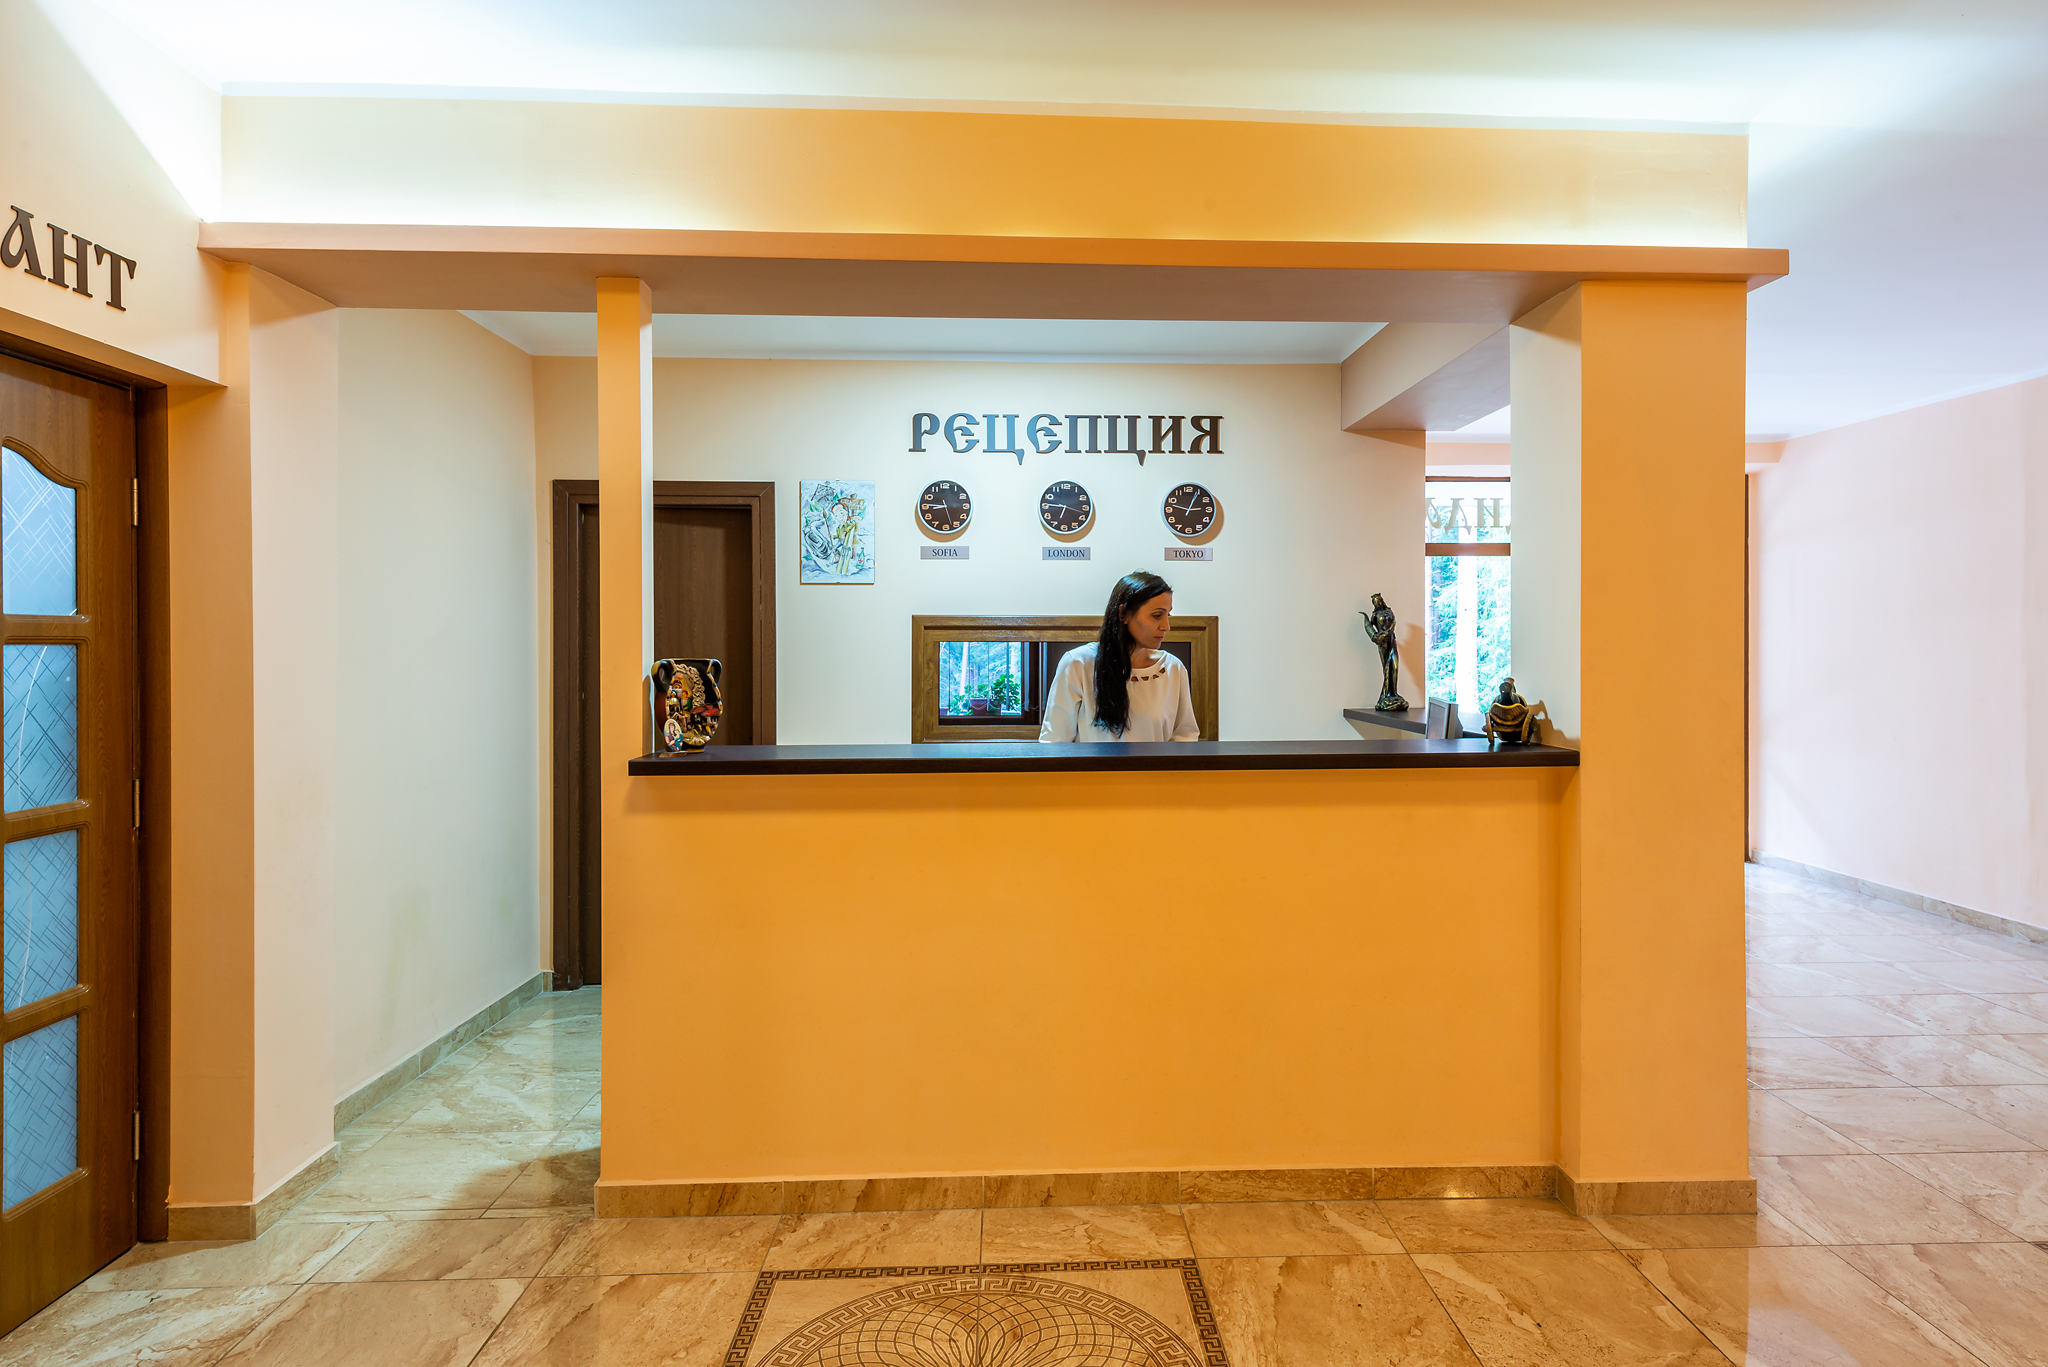 - Хотел Бендида има 27 стаи и 3 апартамента, предлагащи уют и комфорт.